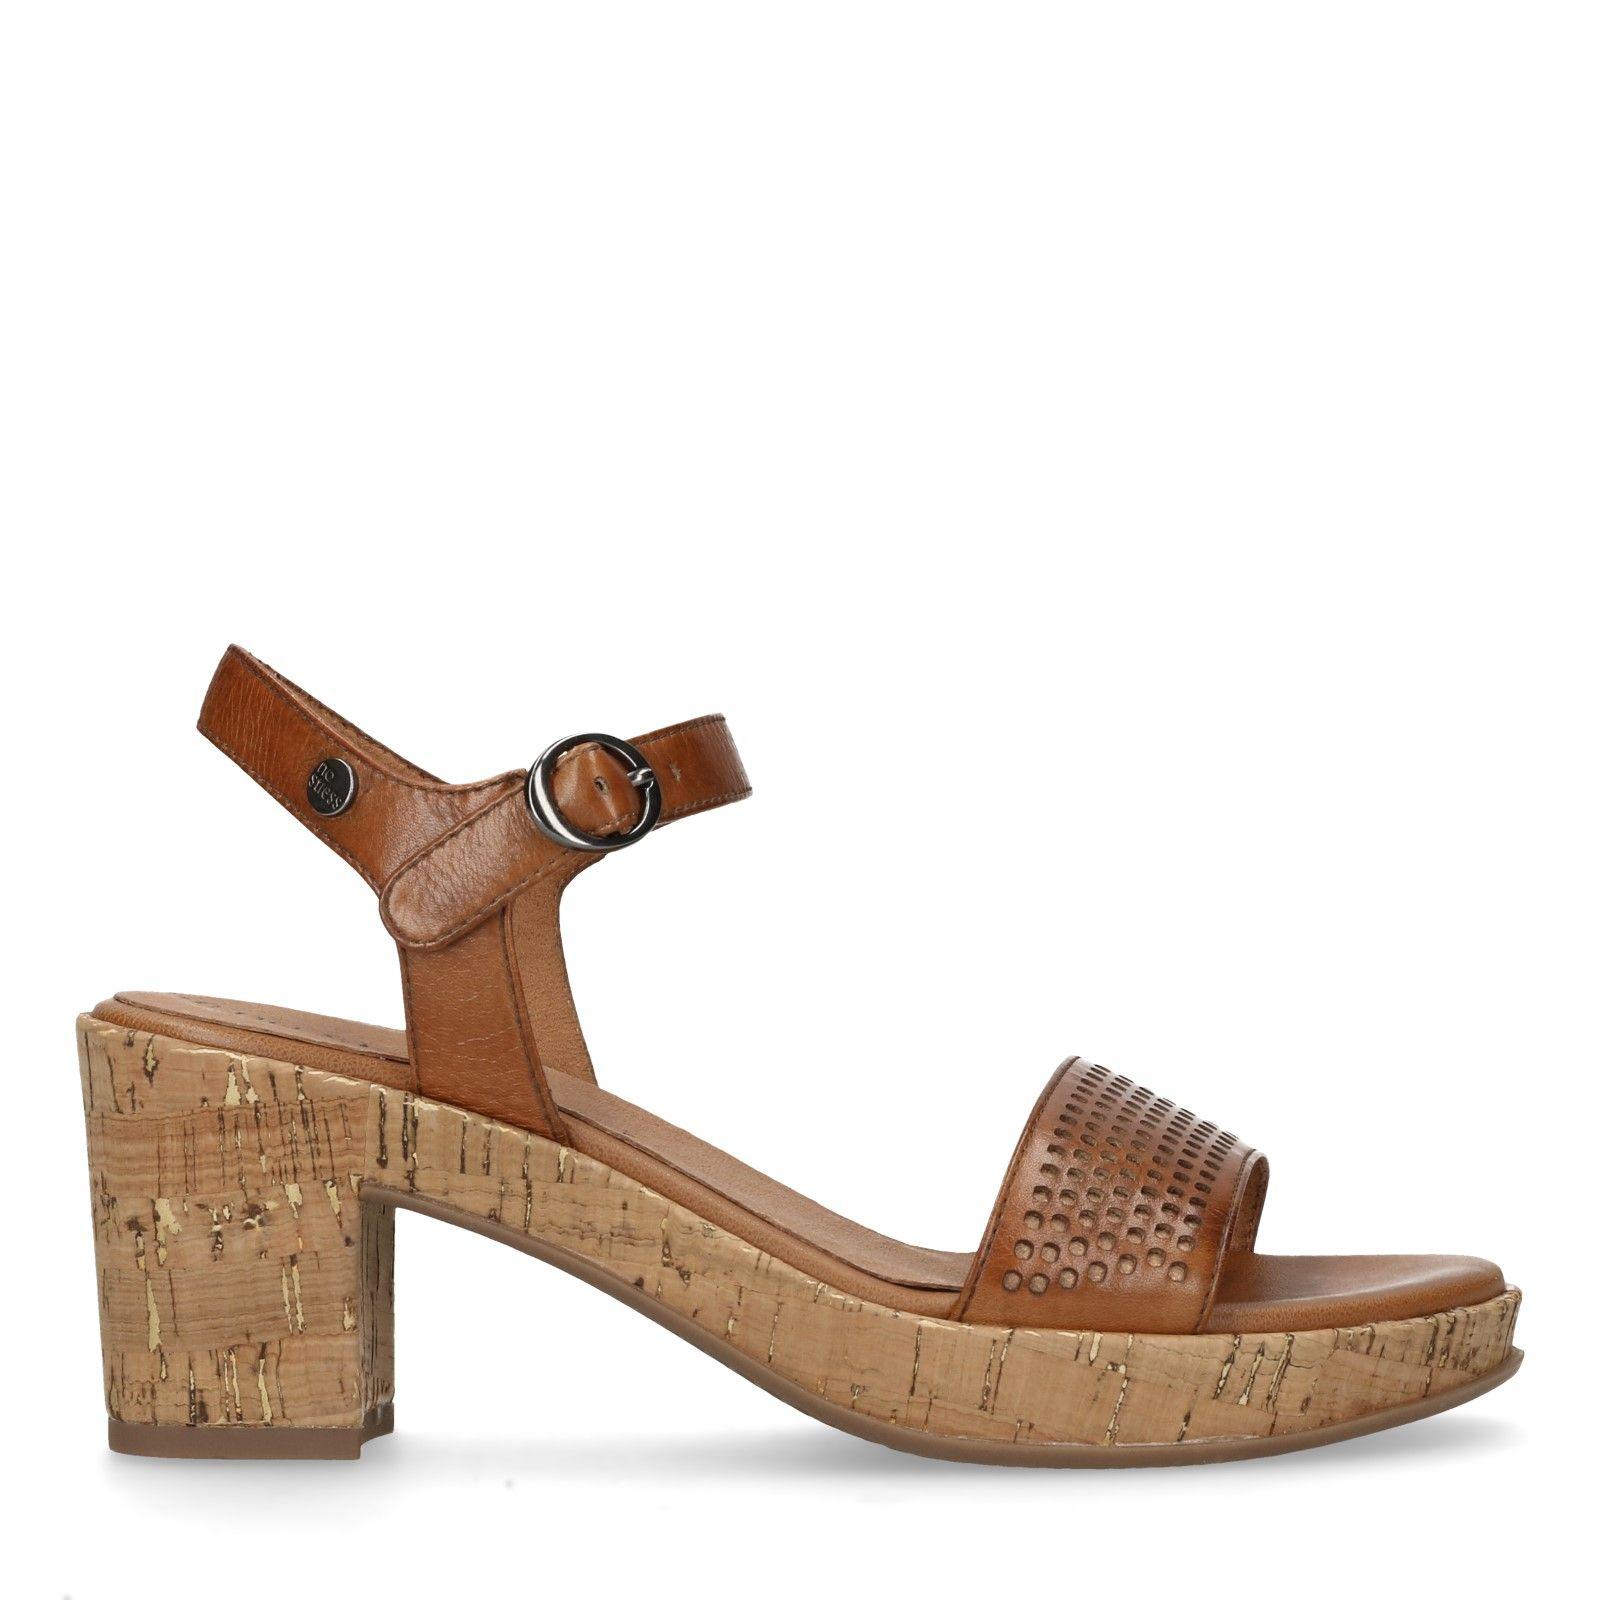 Cognacfarbene Sandaletten mit Korkabsatz